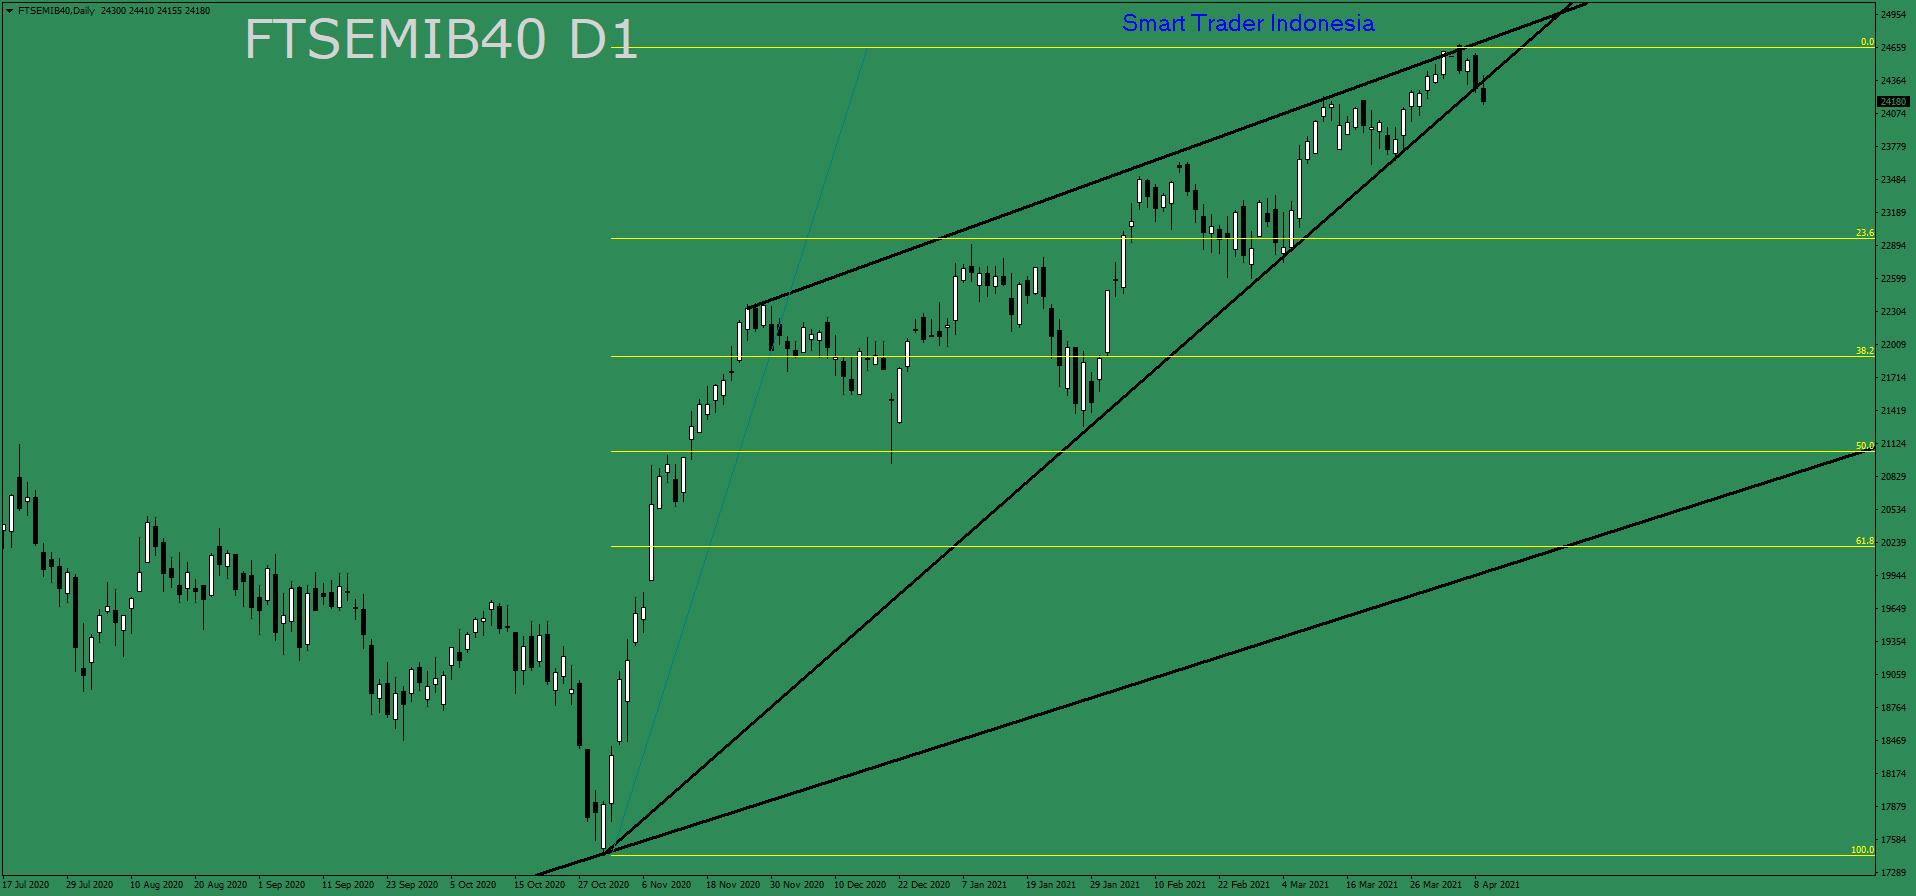 ftsemib40-d1-ava-trade-ltd (1).png